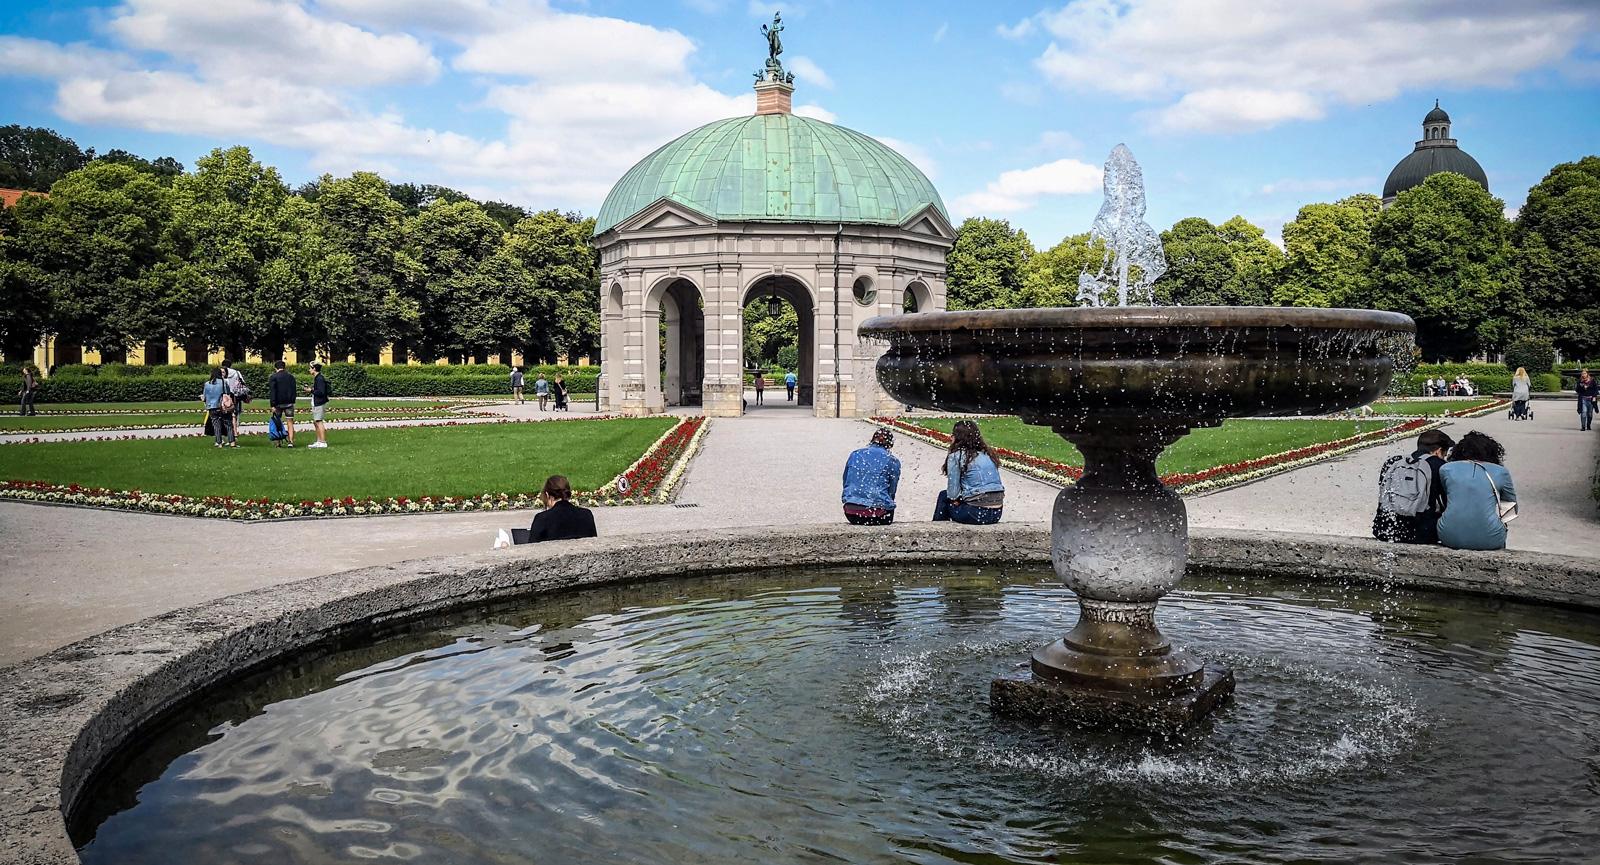 Hofgarten är en centralt belägen park där många tar en paus.